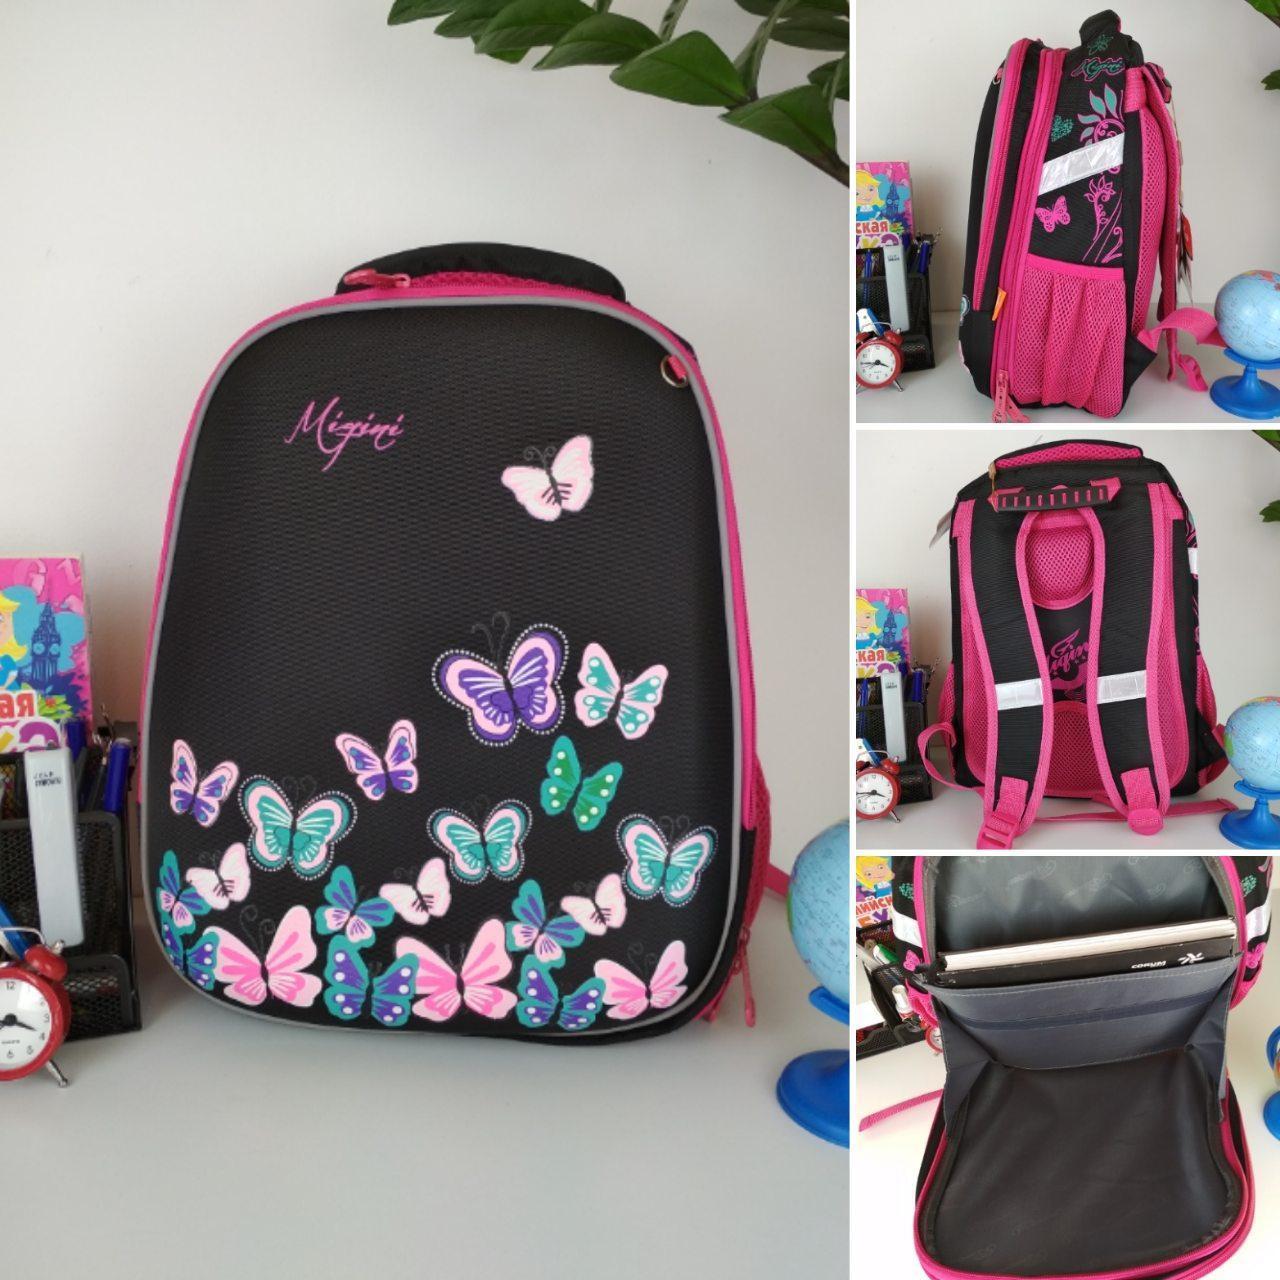 Школьный черно-розовый портфель Miqini с бабочками для девочки 40*28*19 см